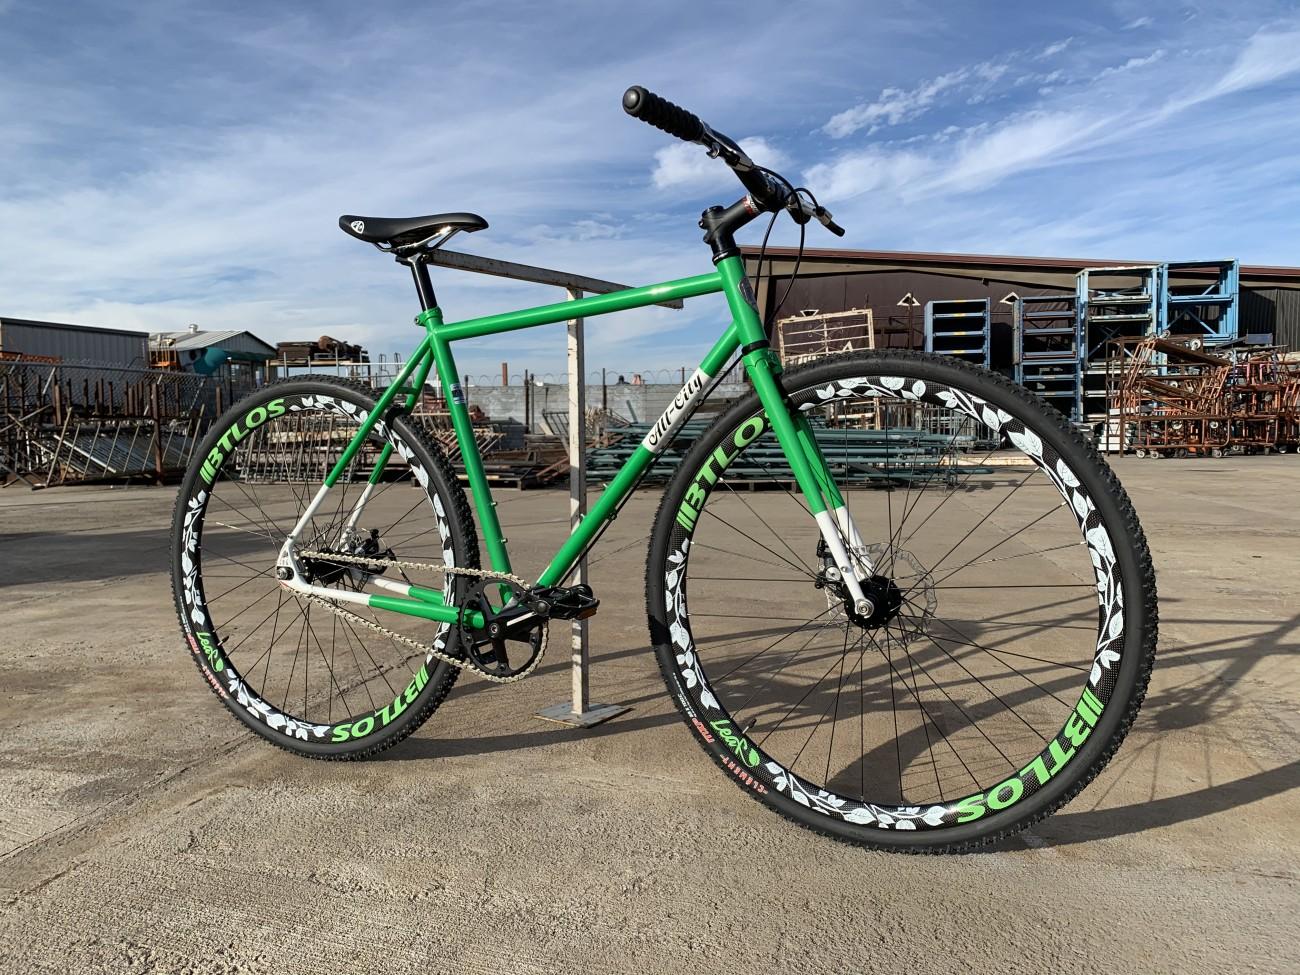 Green BTLOS decal 3K glossy carbon wheels